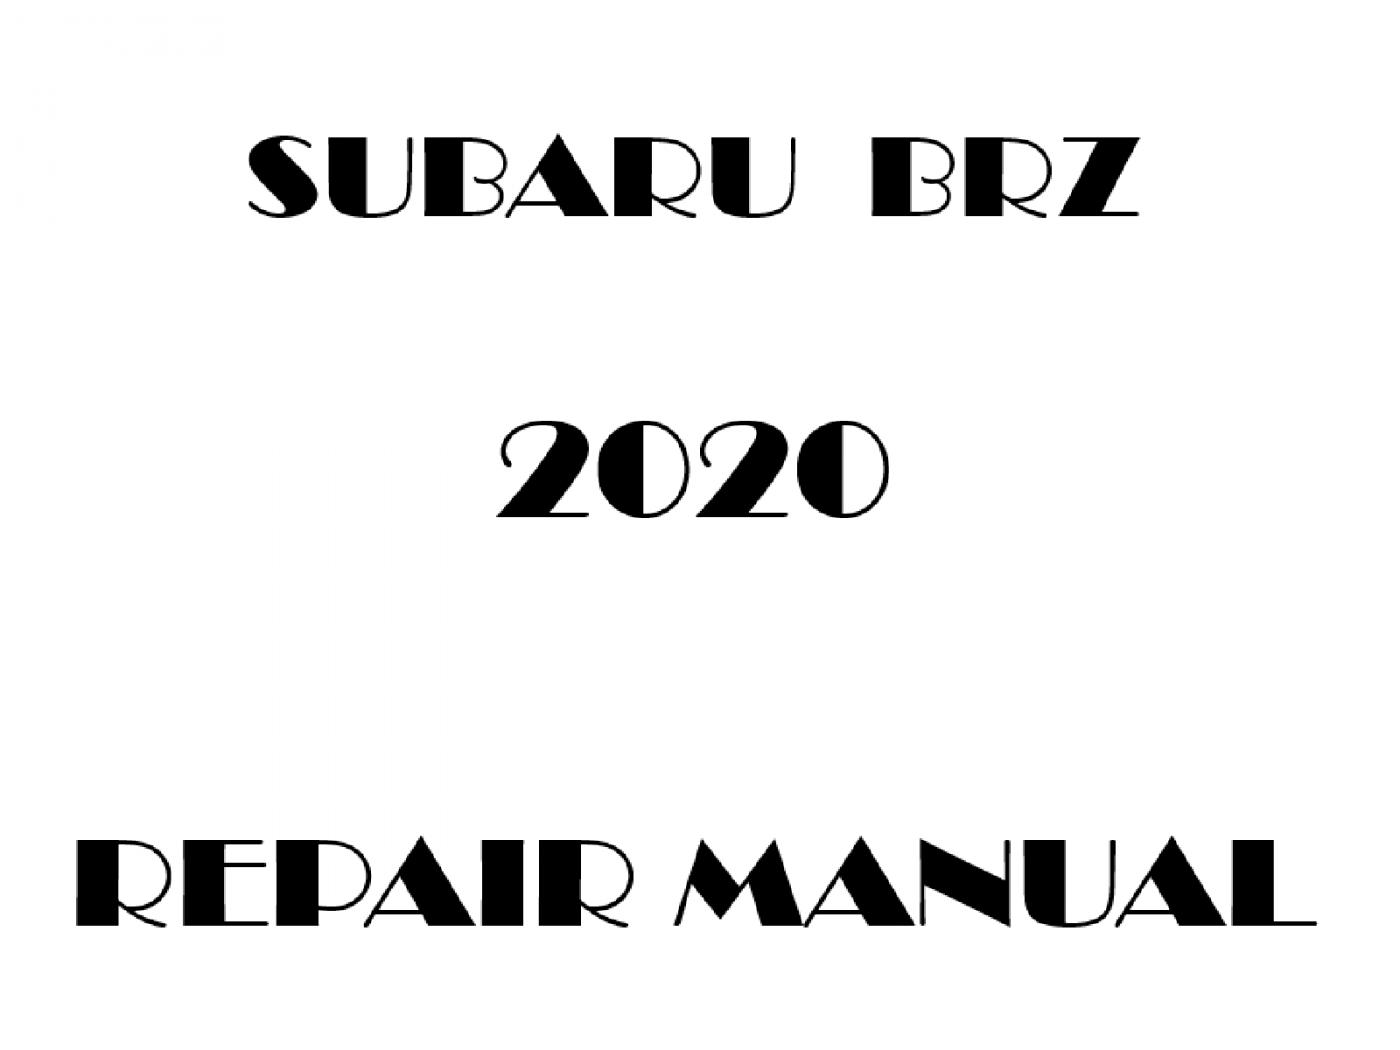 2020 Subaru BRZ repair manual